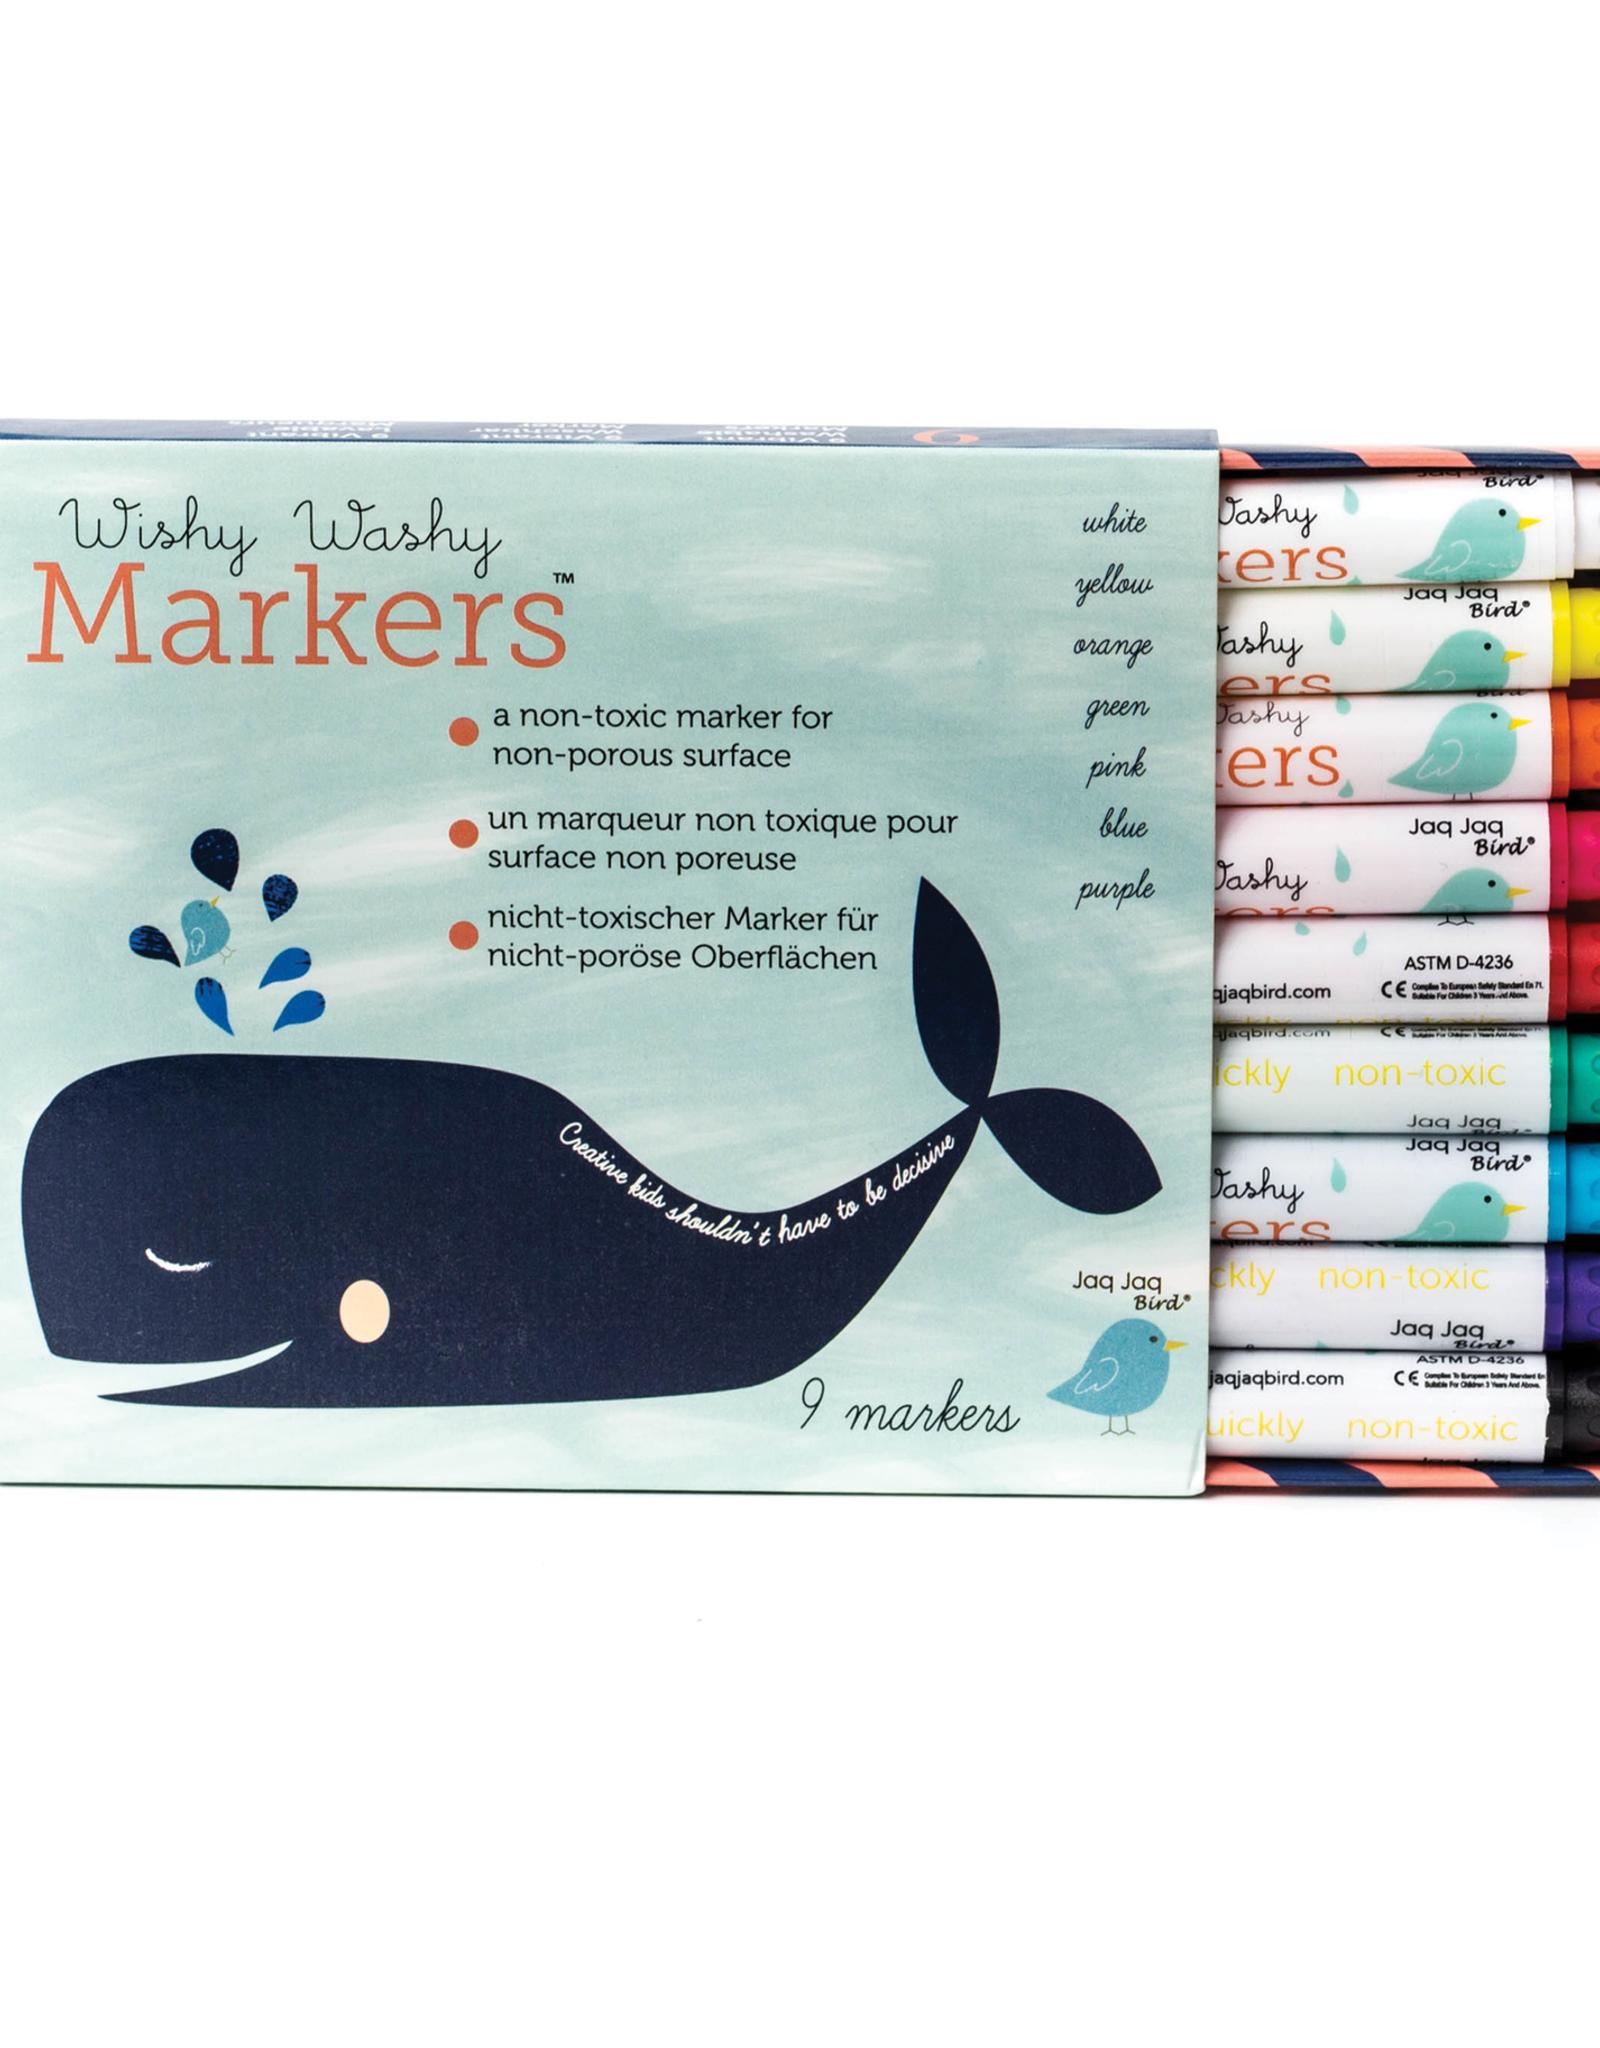 Jaq Jaq Bird Wishy Washy Markers Set of 9